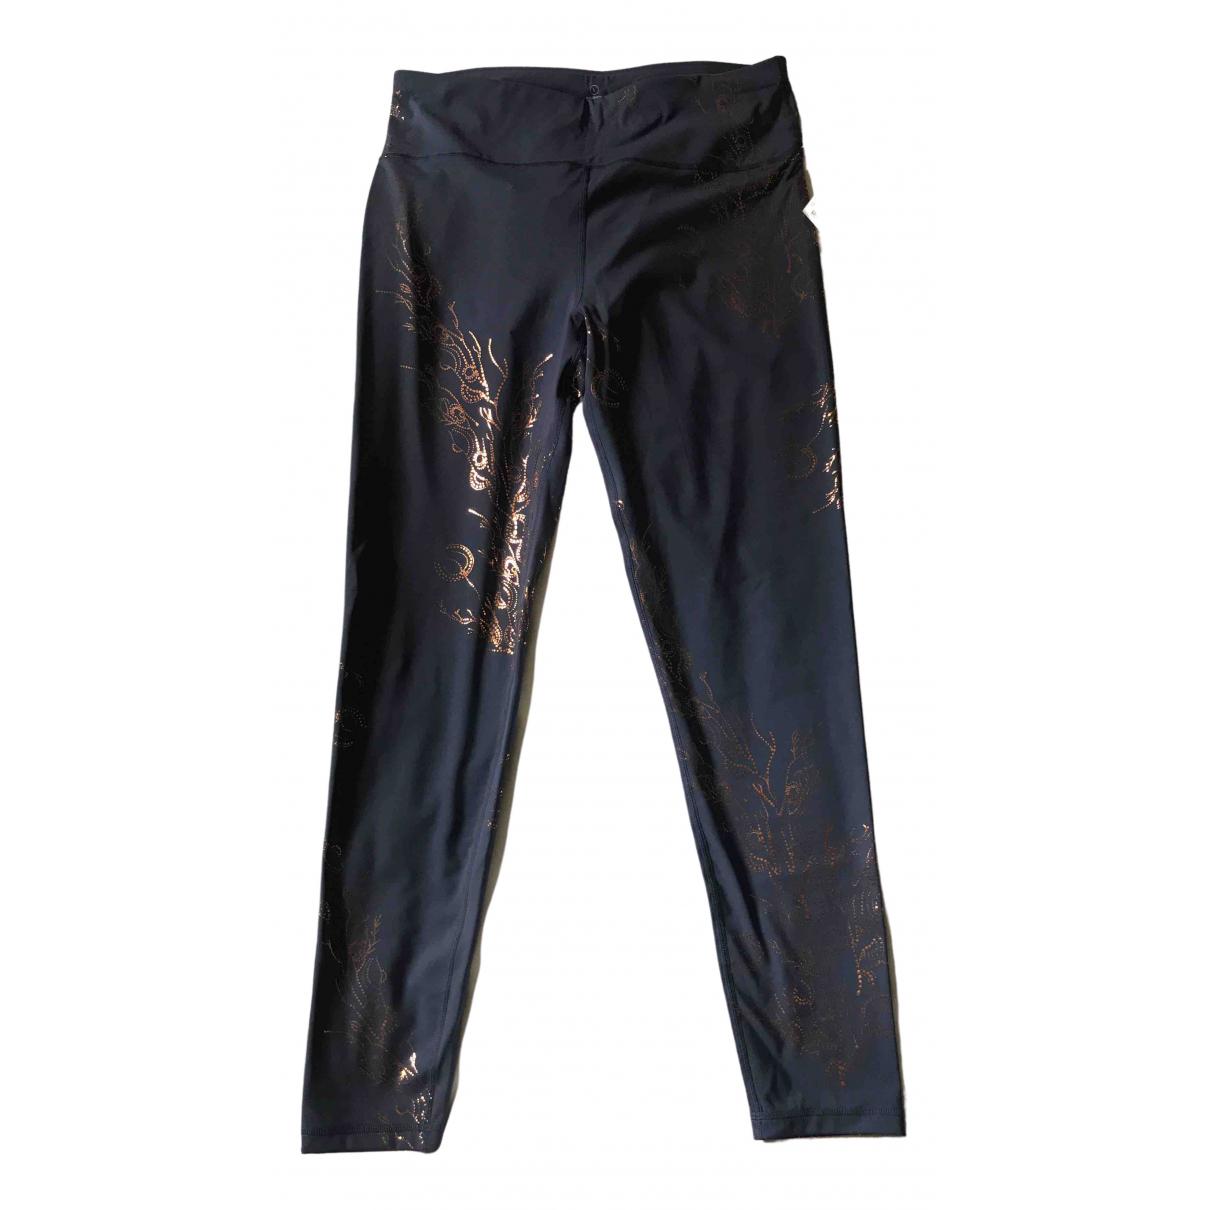 Sweaty Betty \N Blue Trousers for Women L International